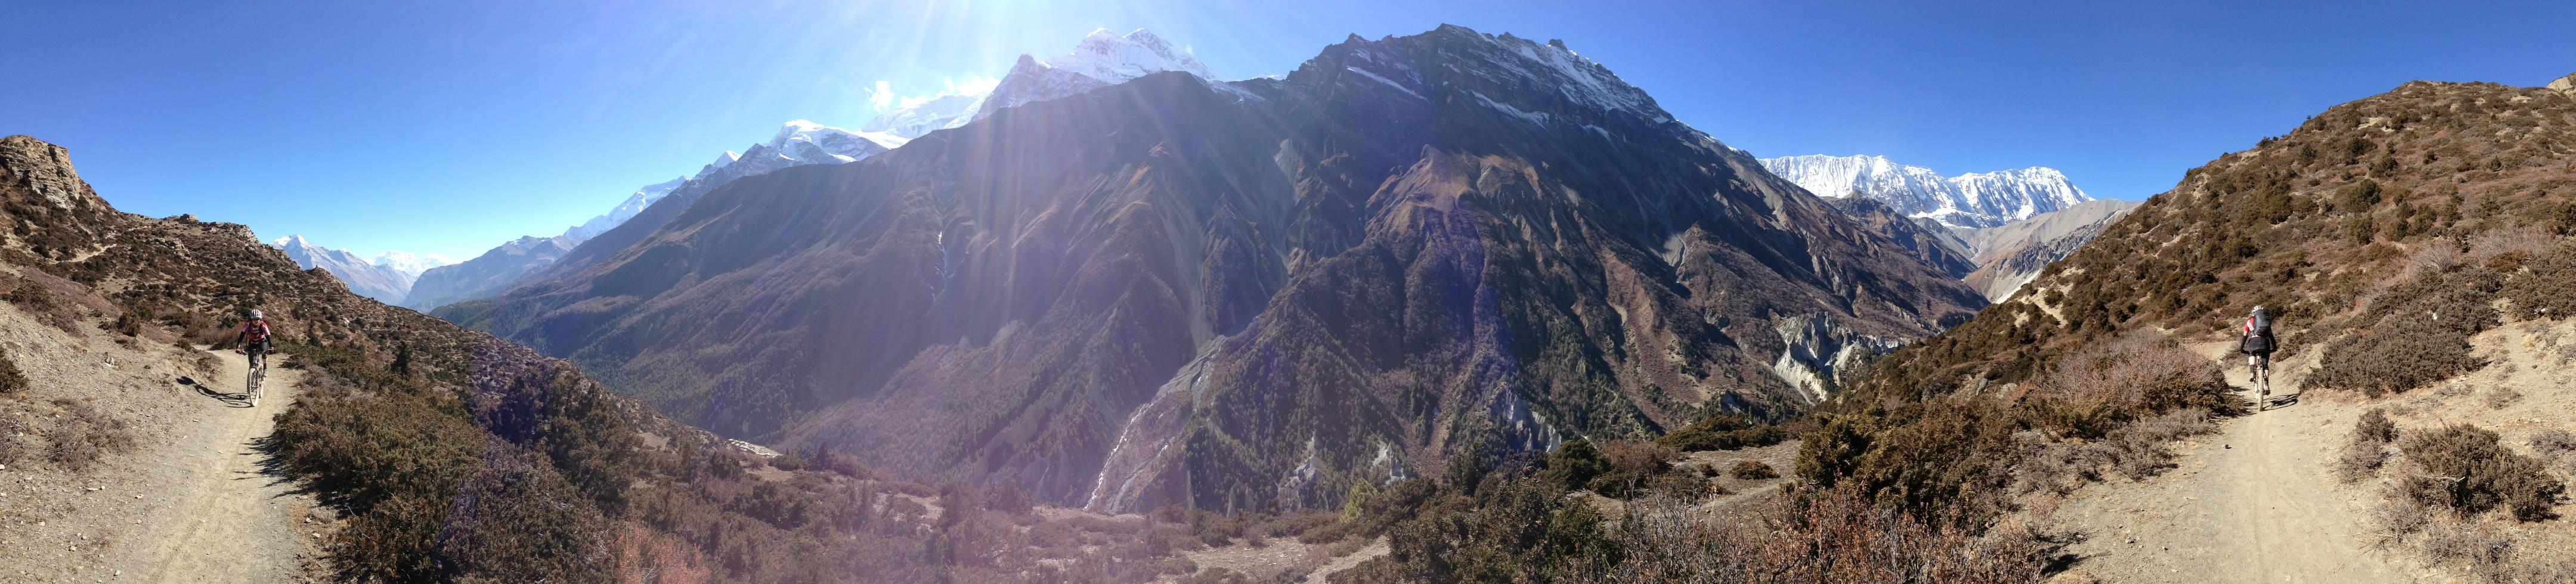 Trail Richtung Tilicho